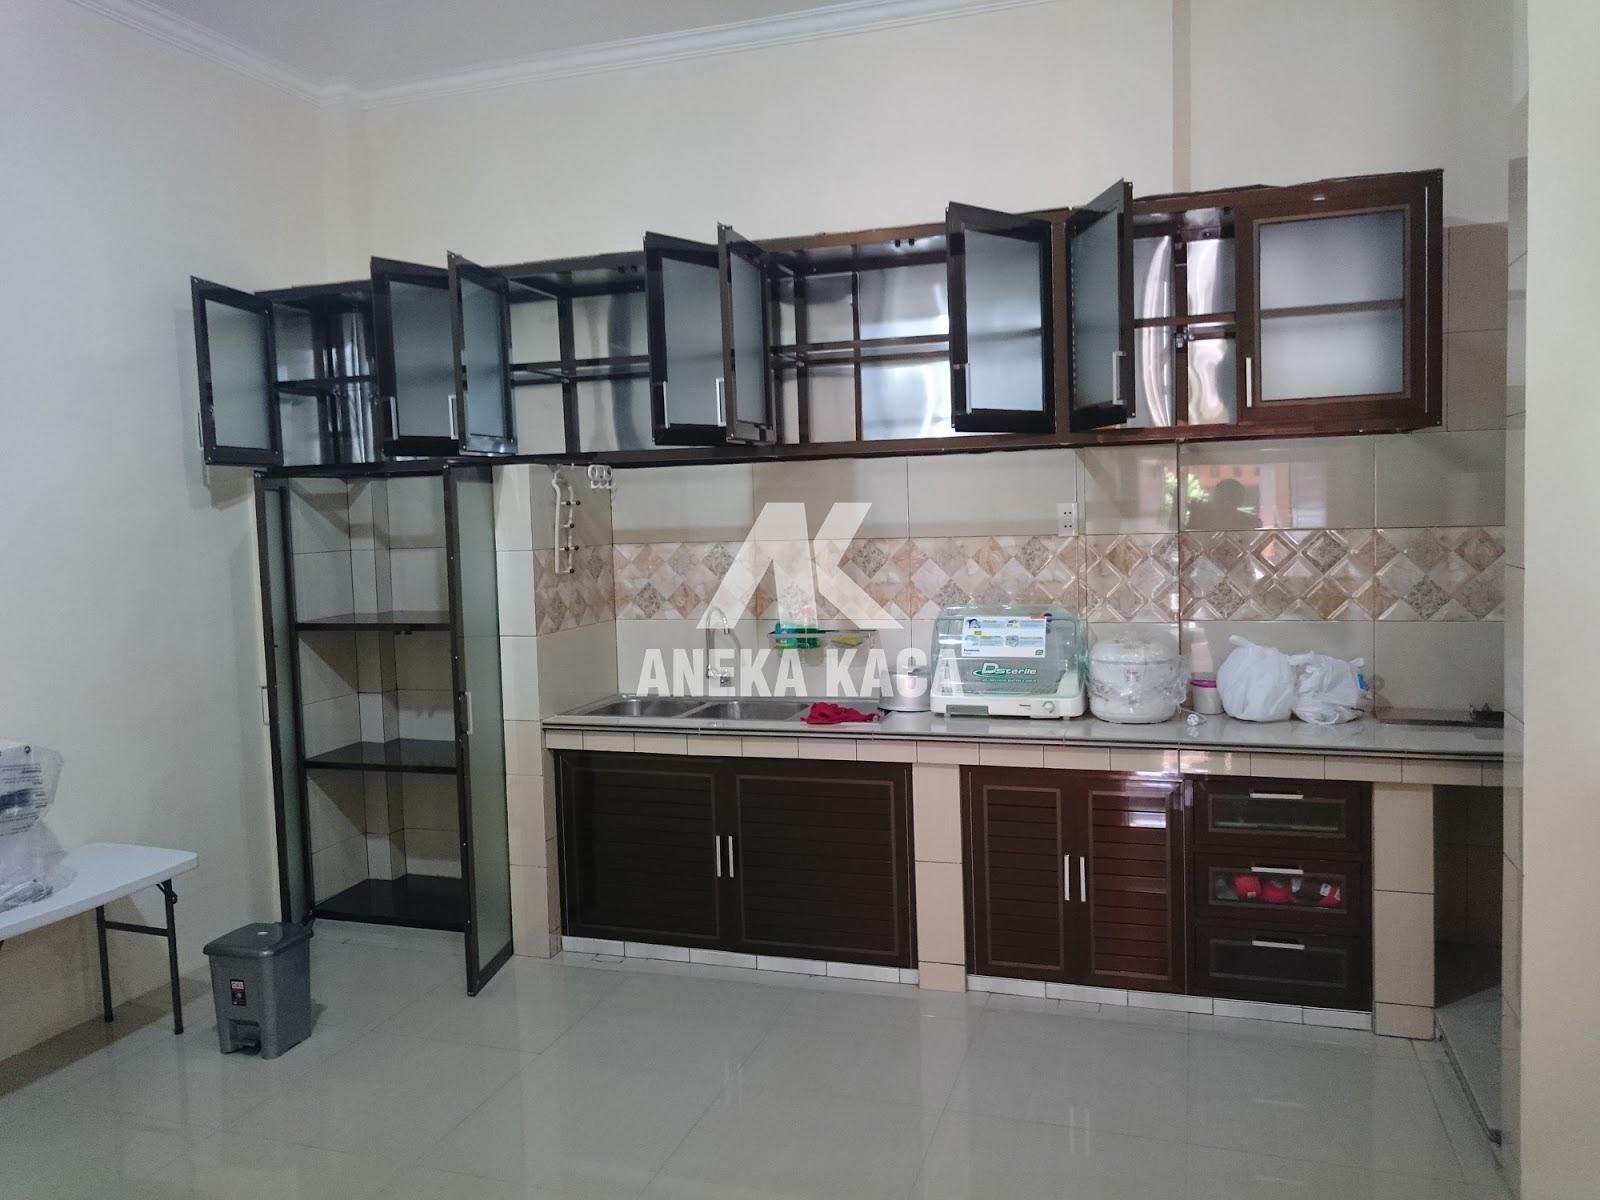 Toko aneka kaca kitchen set aluminium lemari piring for Kitchen set aluminium modern